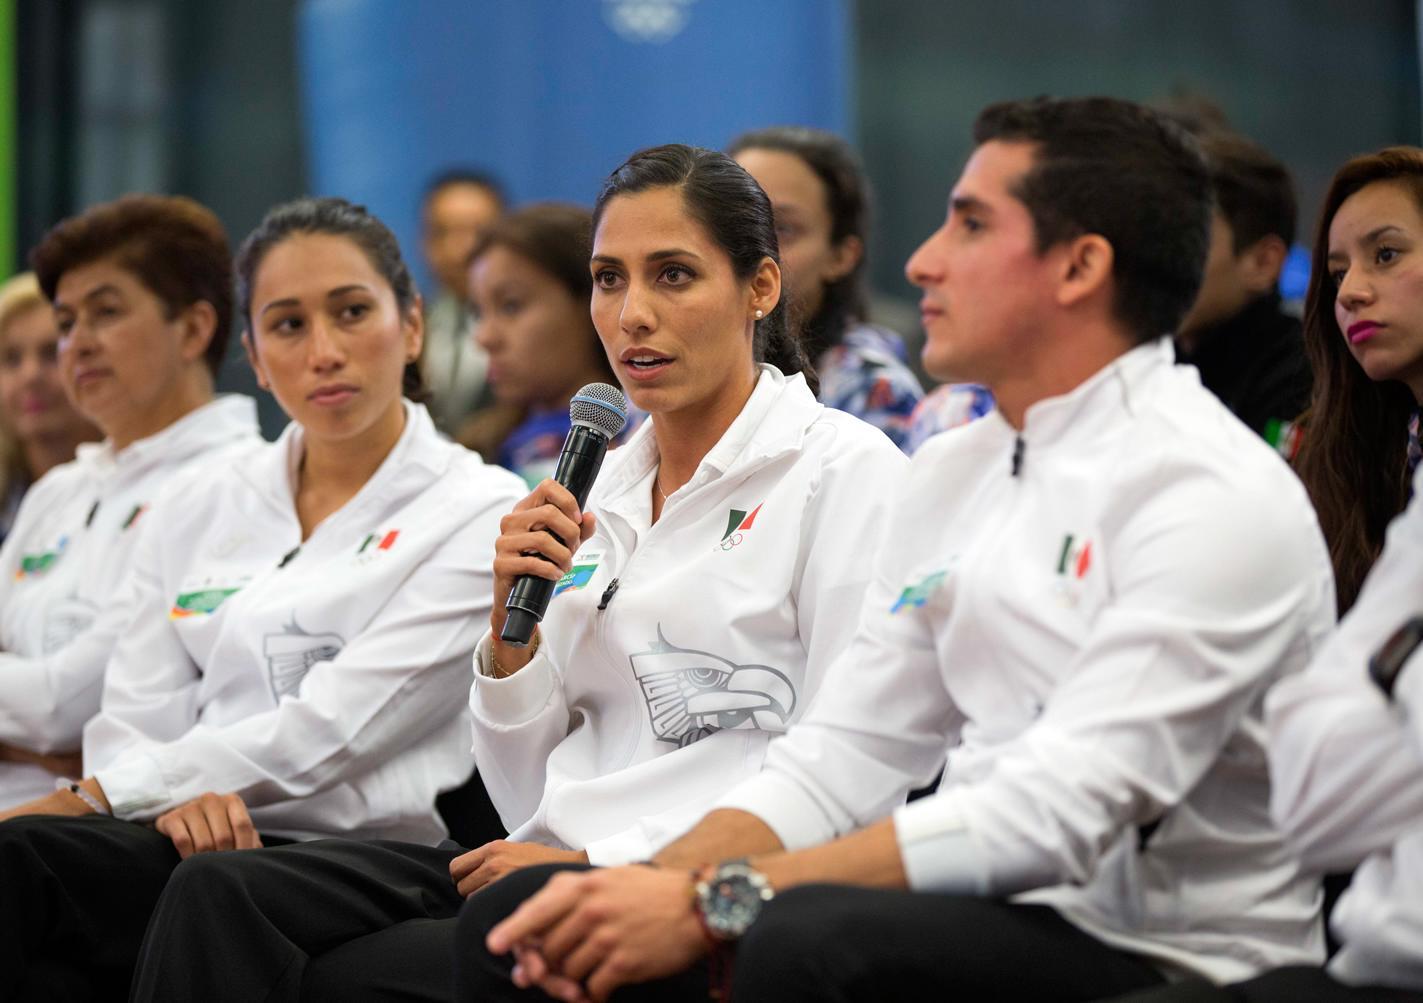 El Primer Mandatario se reunió en la Residencia Oficial de Los Pinos con los integrantes de la delegación mexicana que participó en los Juegos Olímpicos de Río 2016.